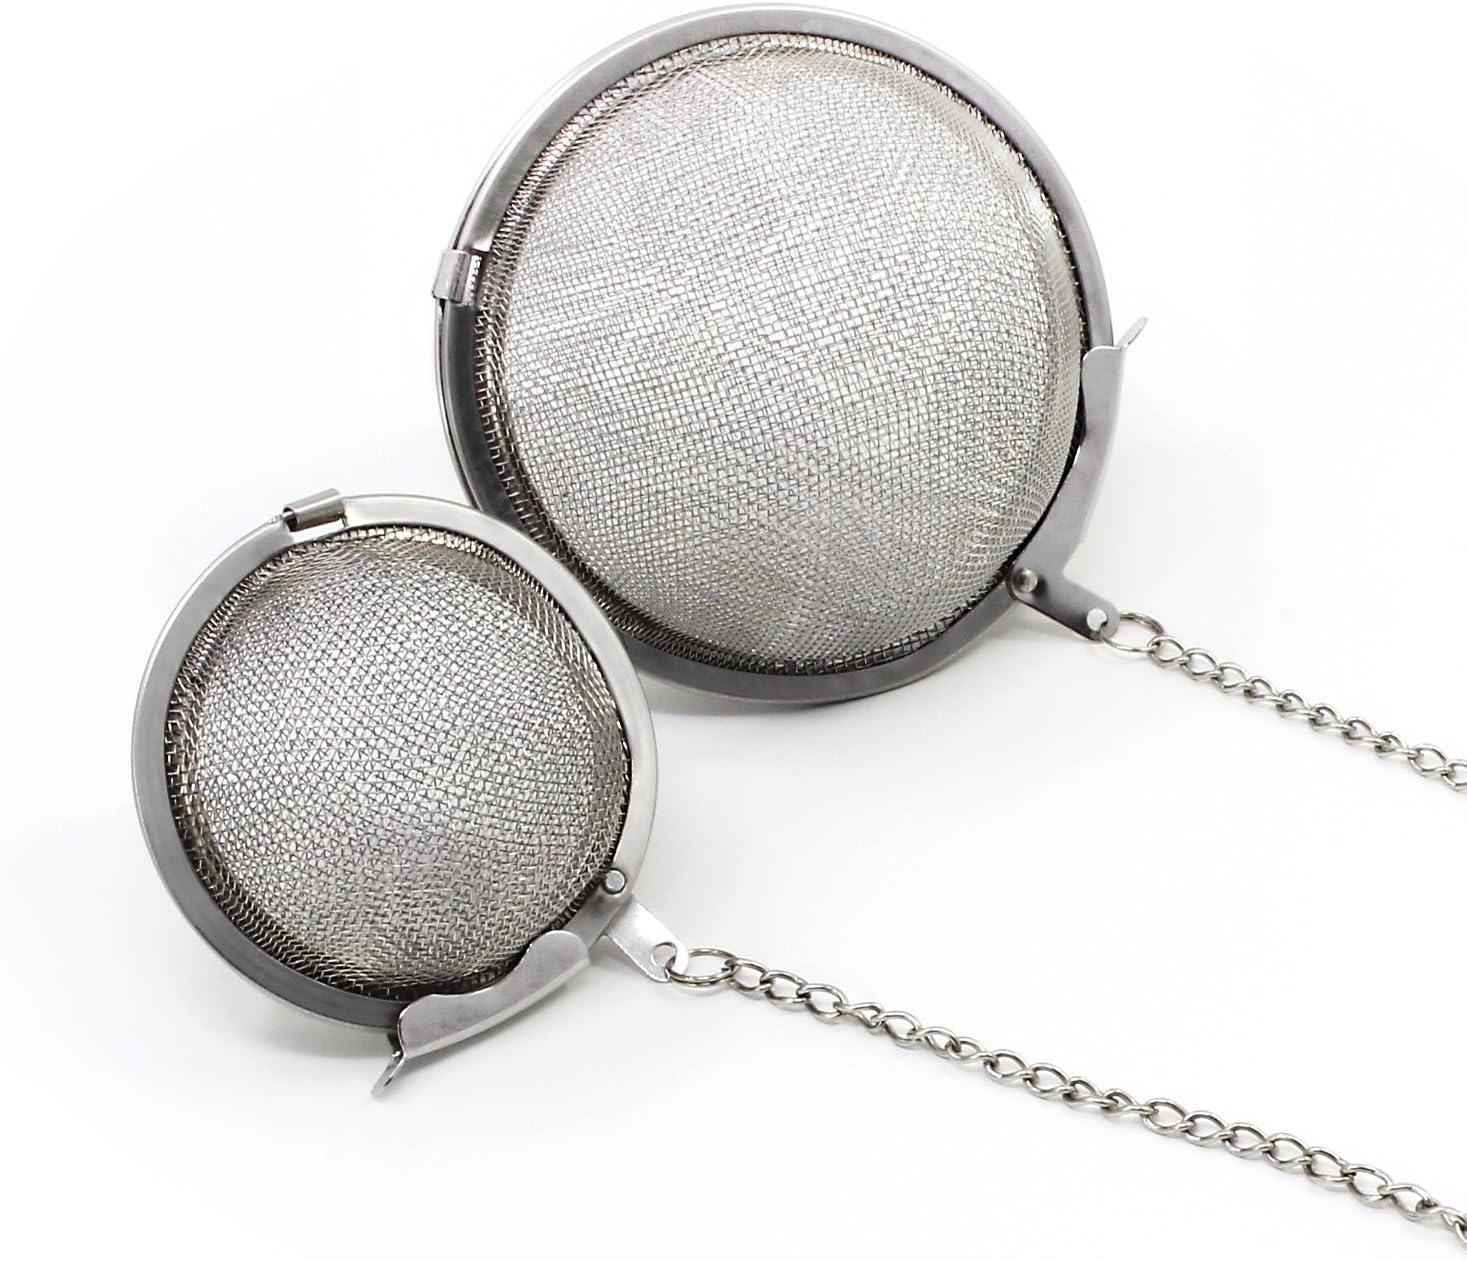 Keesin en acier inoxydable Passoire /à th/é Mesh Boule /à th/é r/éutilisables Feuilles de th/é Infuseur filtre Lot de 2 5cm-7cm